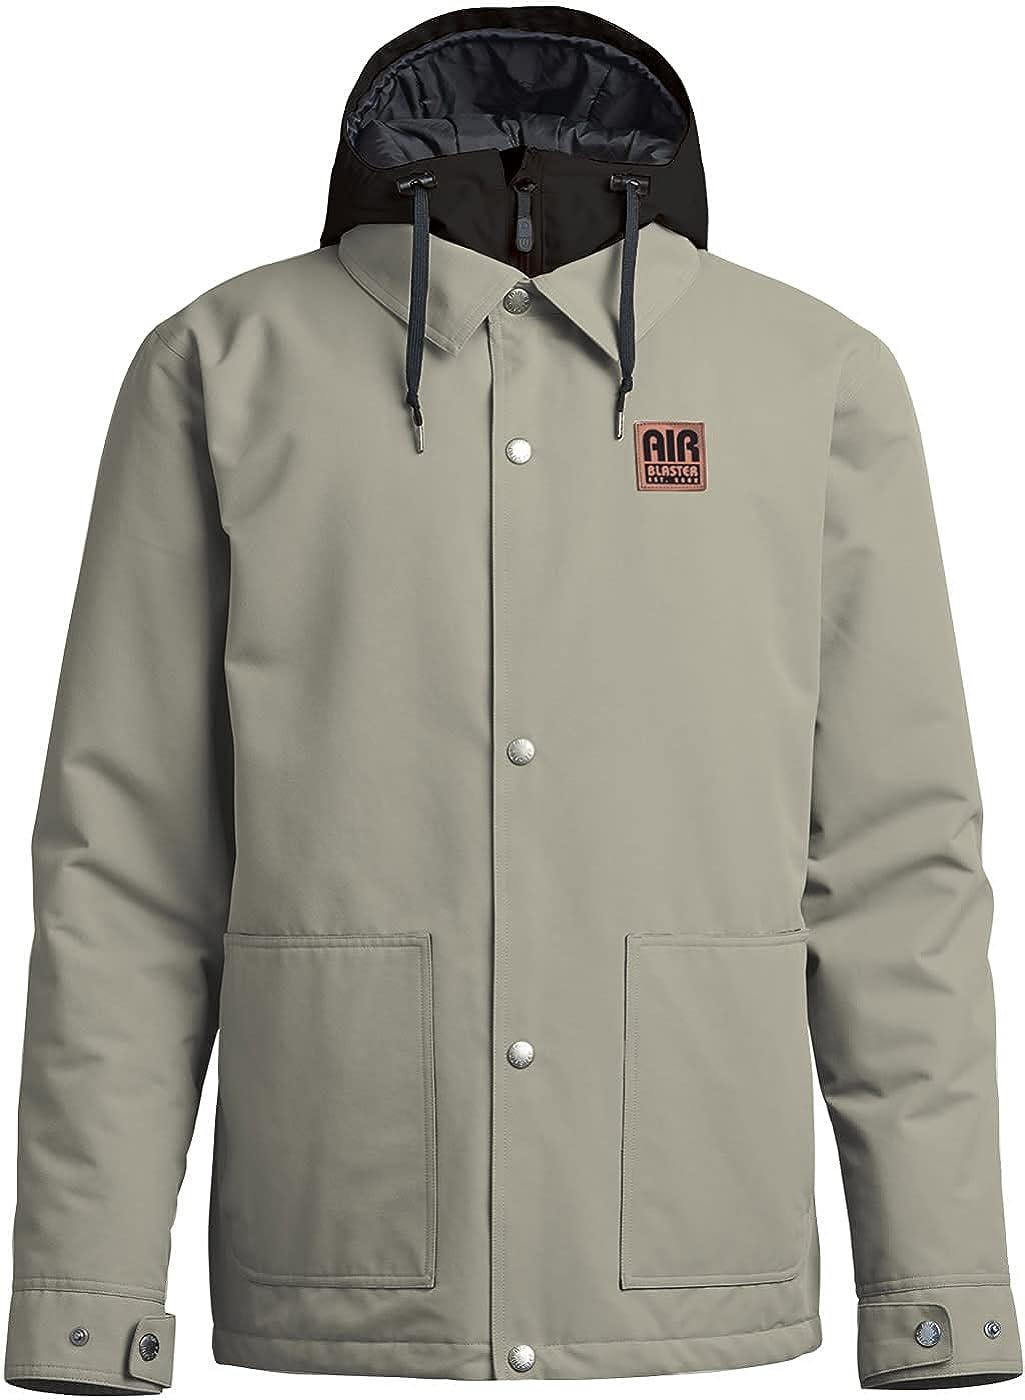 AIRBLASTER Work Jacket - Men's